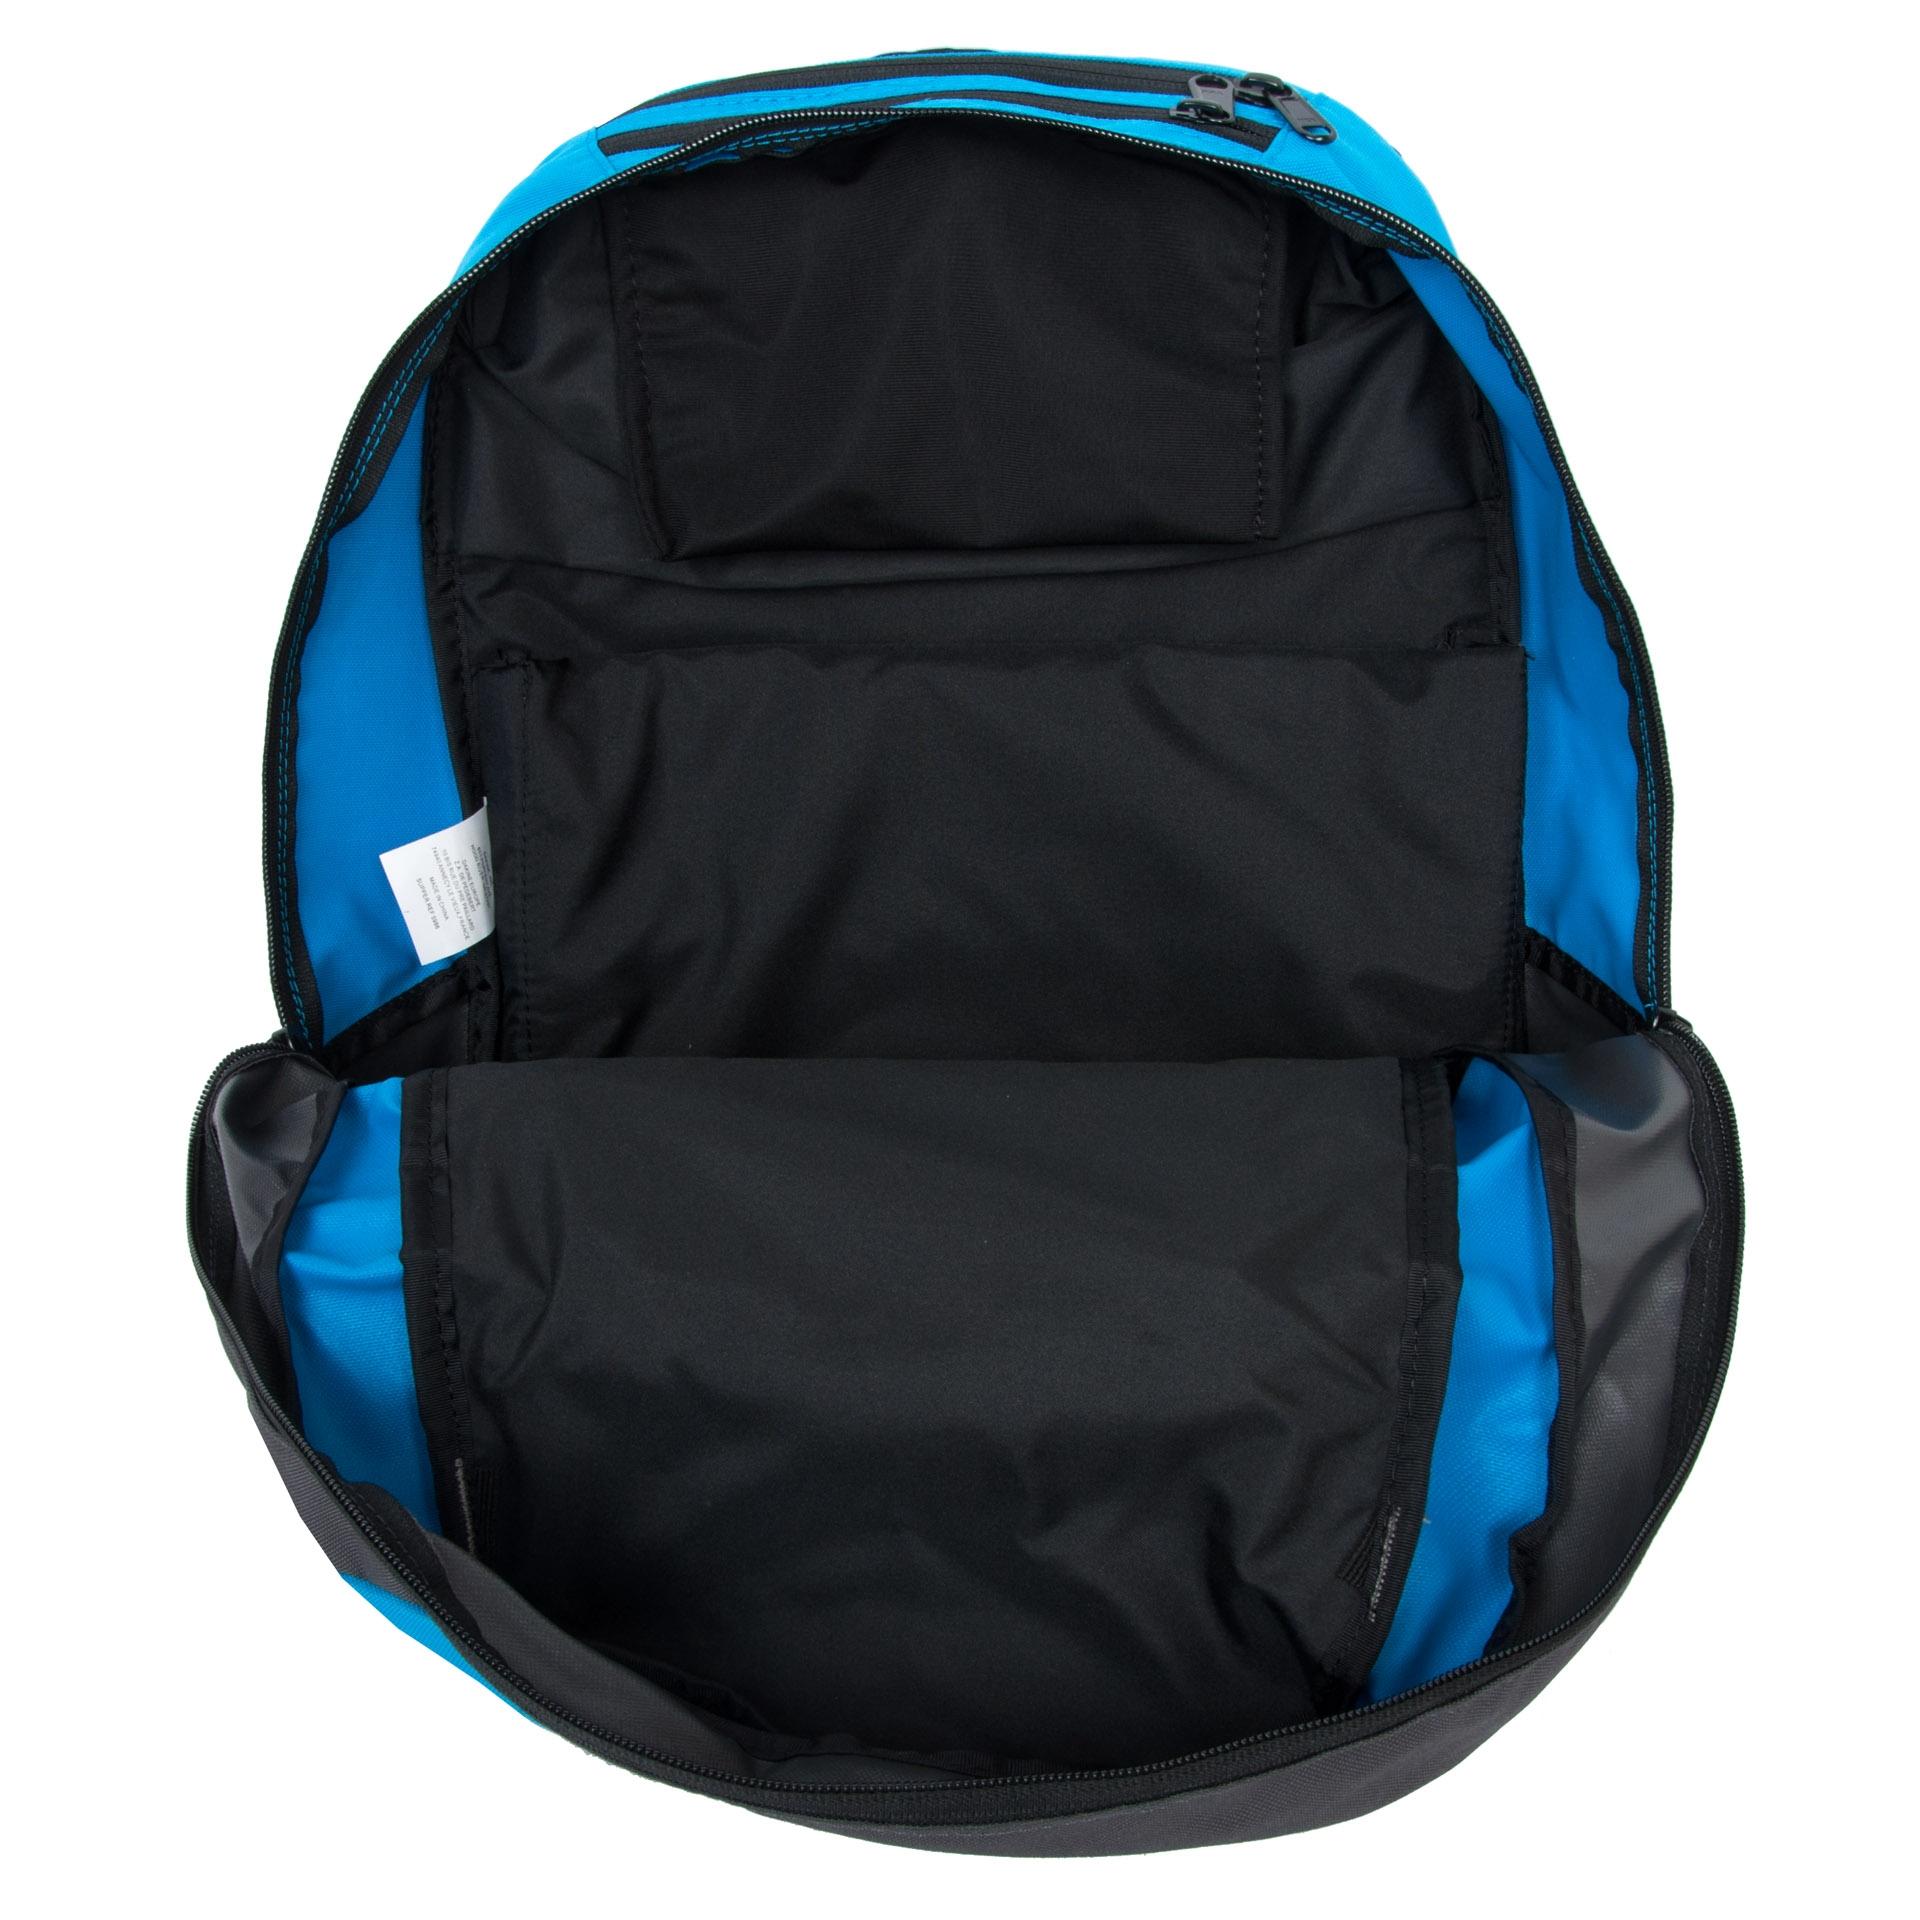 Dakine Explorer 26L Blue Študentský batoh Dakine Explorer je vhodný pre aktívnych študentov, milovníkov skate parkov aj pre bežné nosenie po meste.  - veľký hlavný oddiel s vystuženým vreckom na notebook (15